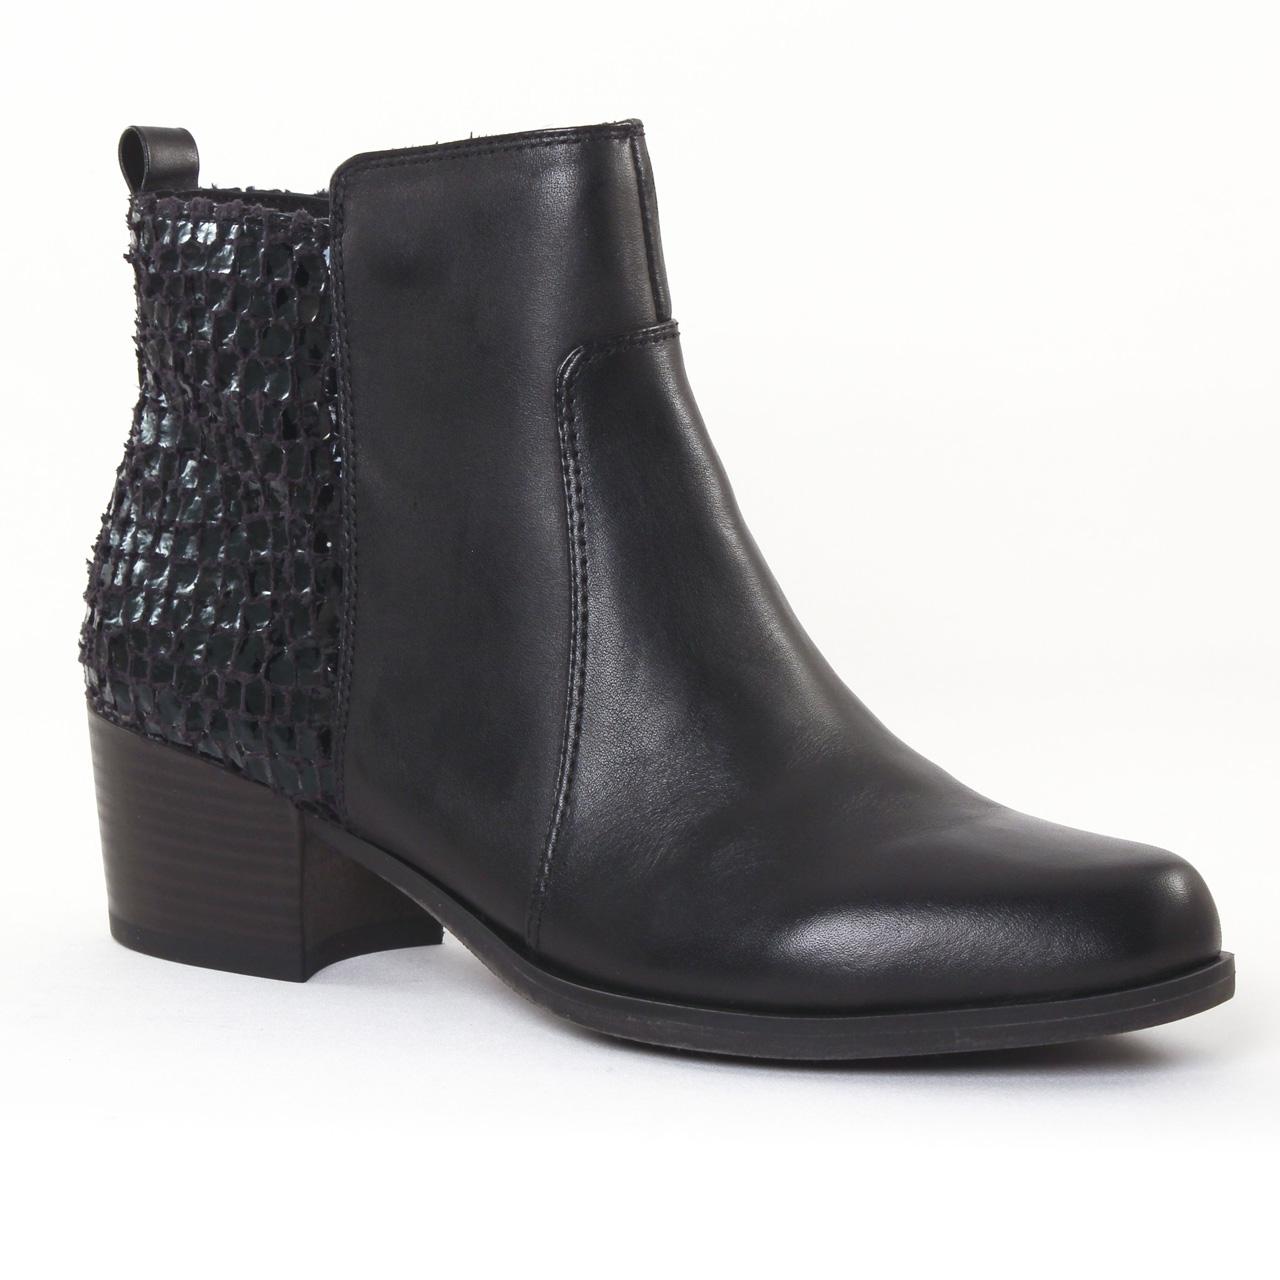 tamaris 25333 black boot talon noir automne hiver chez trois par 3. Black Bedroom Furniture Sets. Home Design Ideas